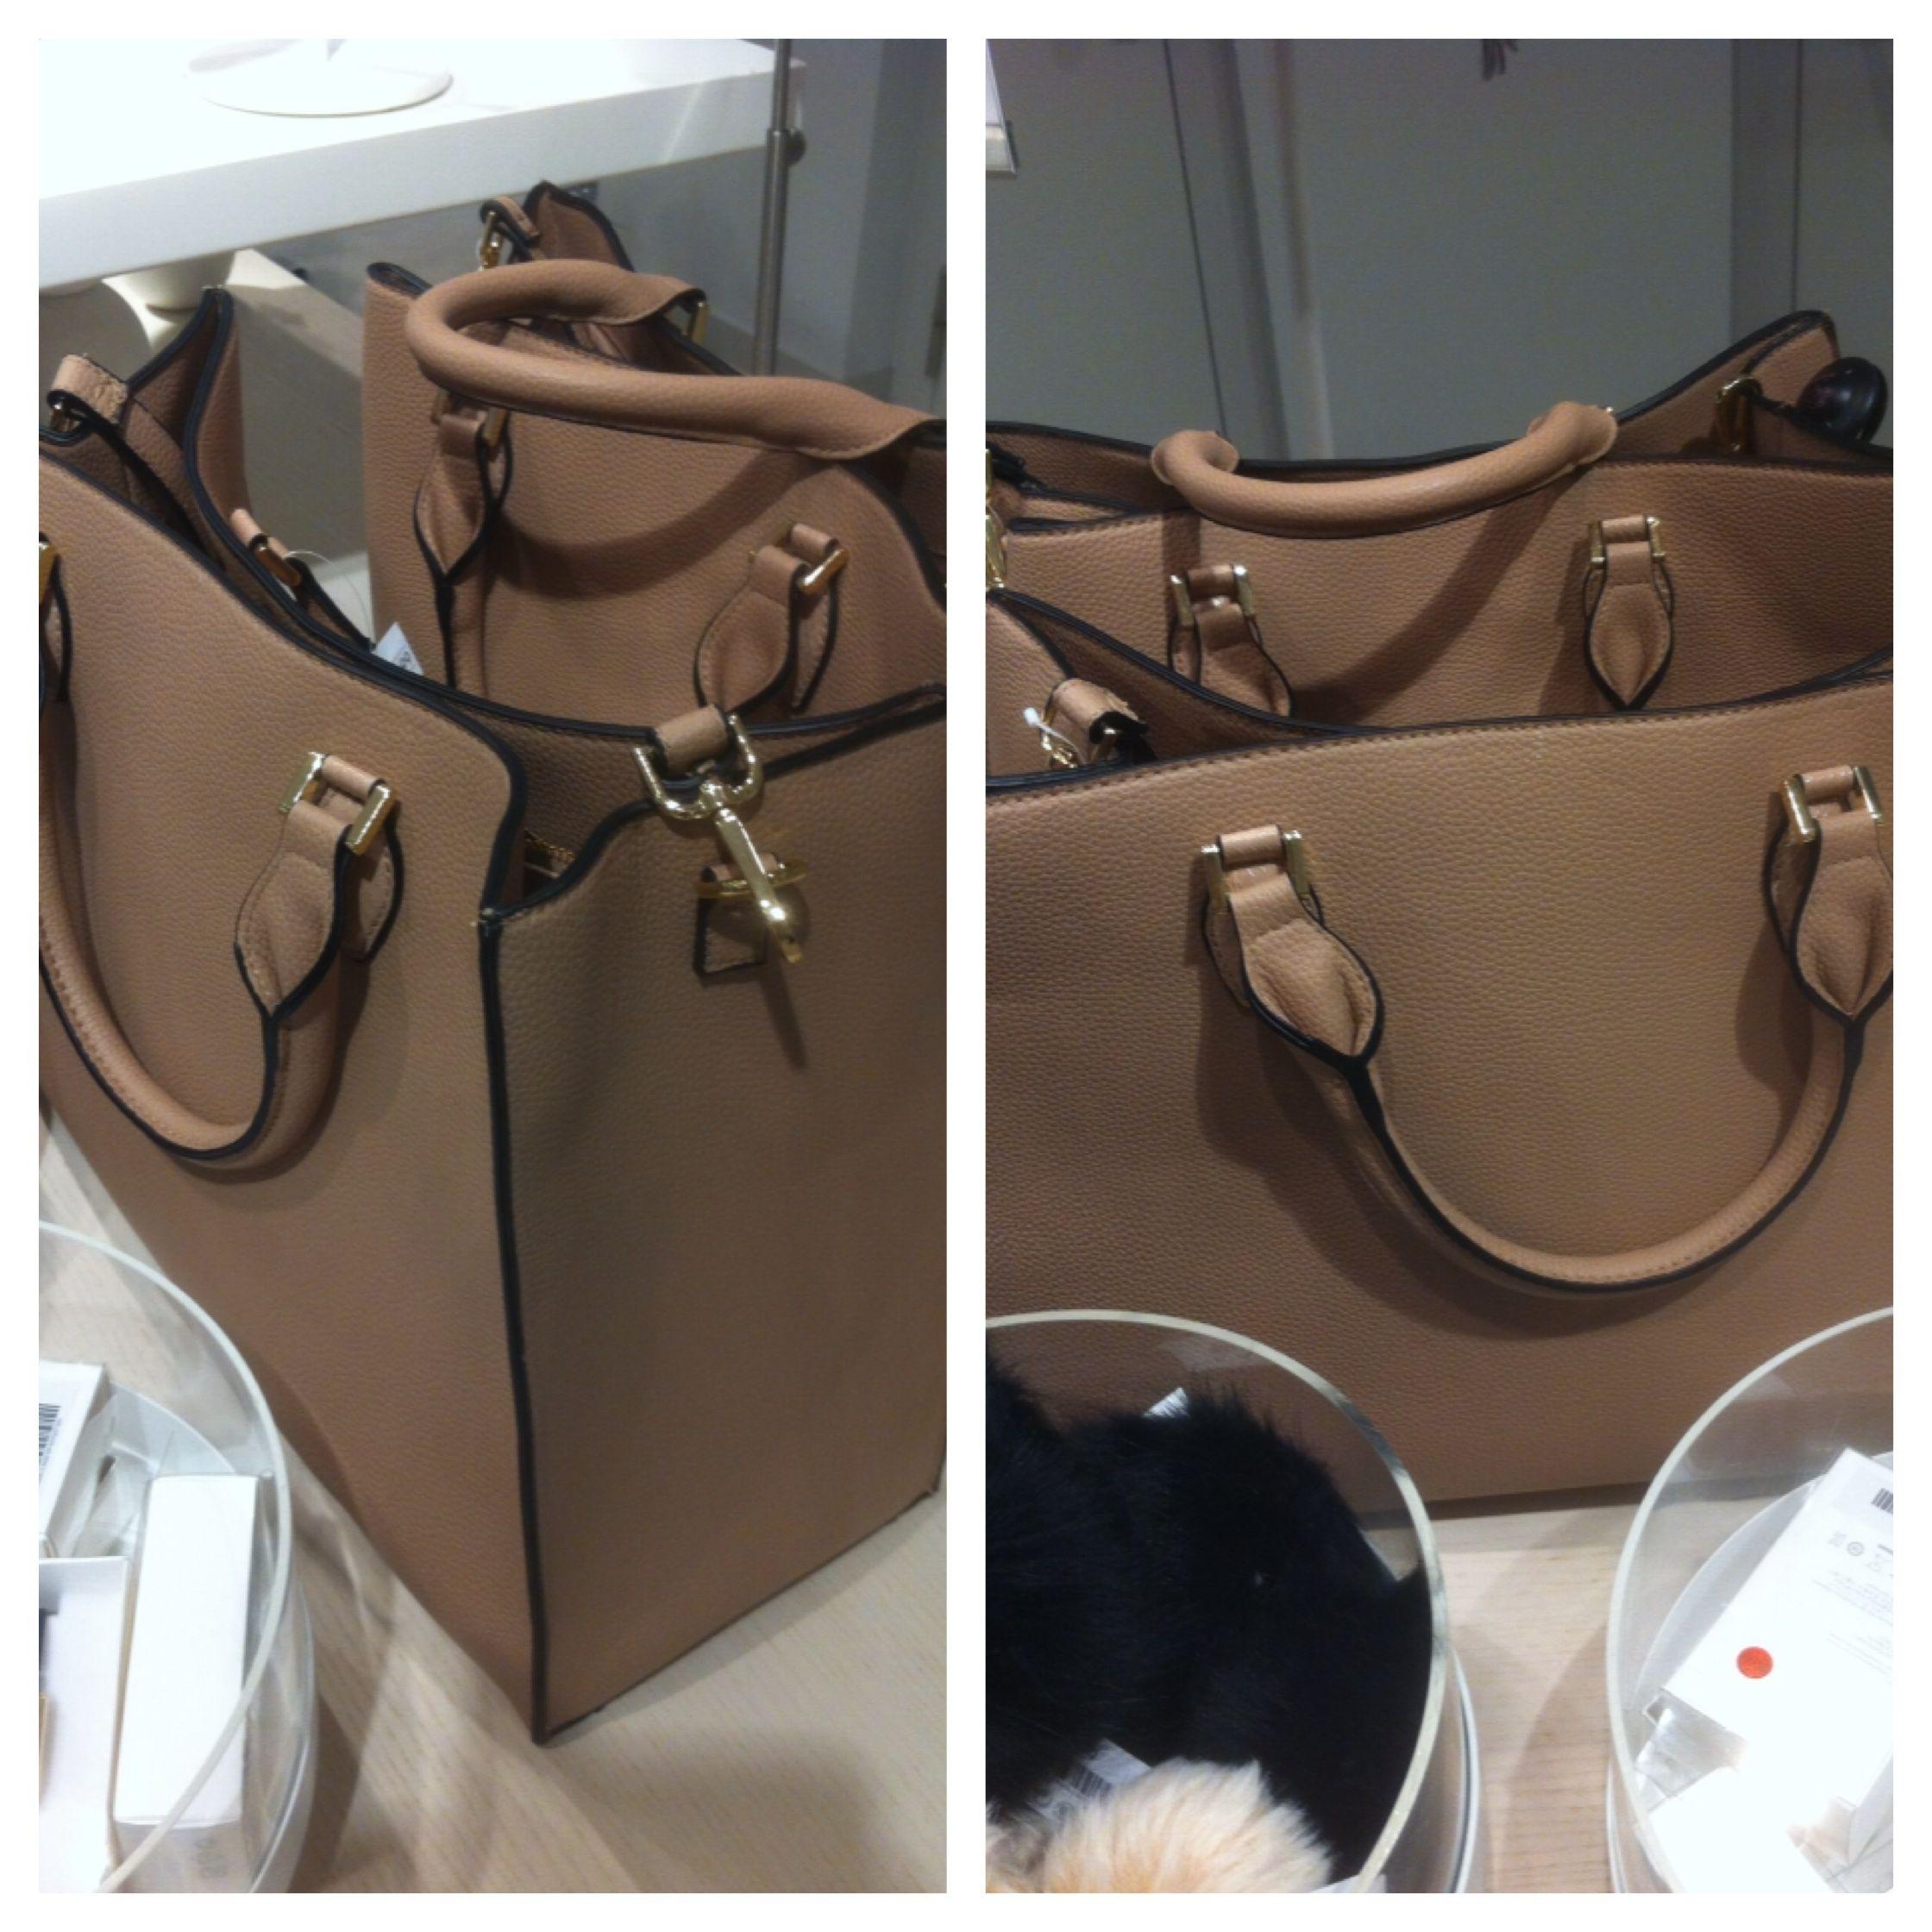 Handtasche mit festem Boden von H&M | (Hand)taschen und ähnliches ...